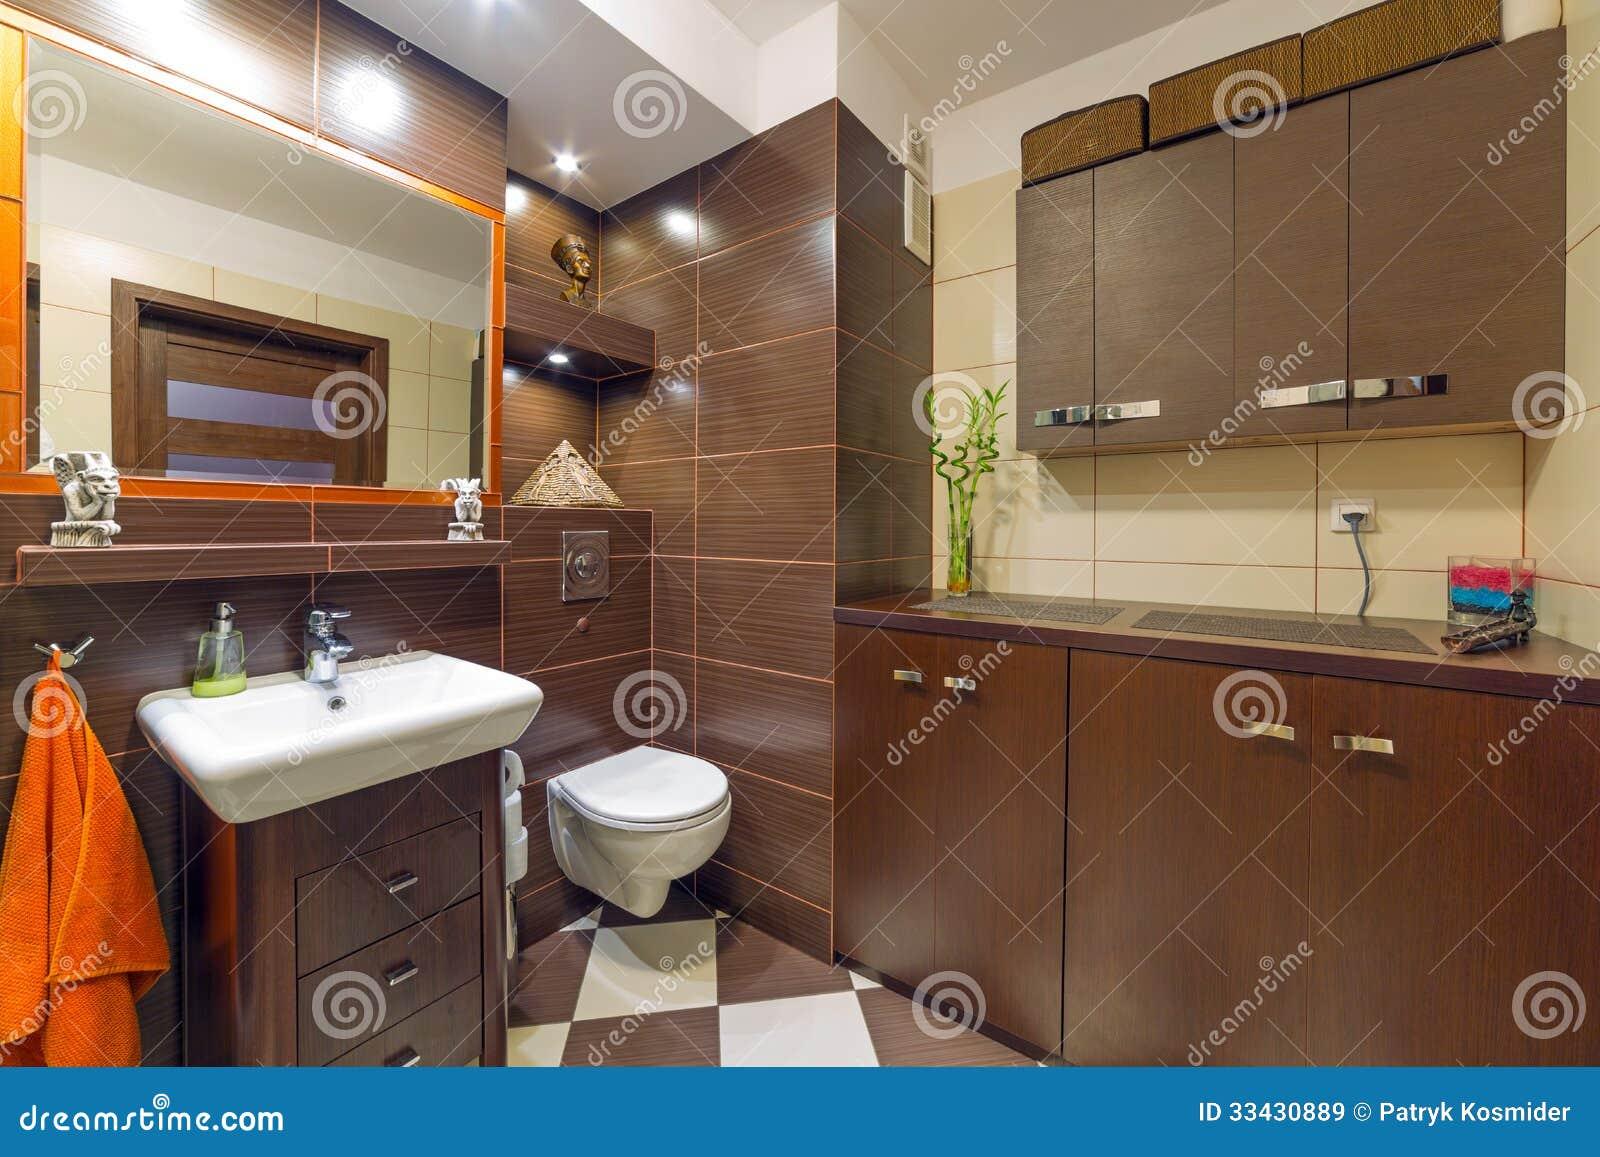 Bagno marrone e beige moderno immagine stock immagine 33430889 - Bagno marrone e beige ...